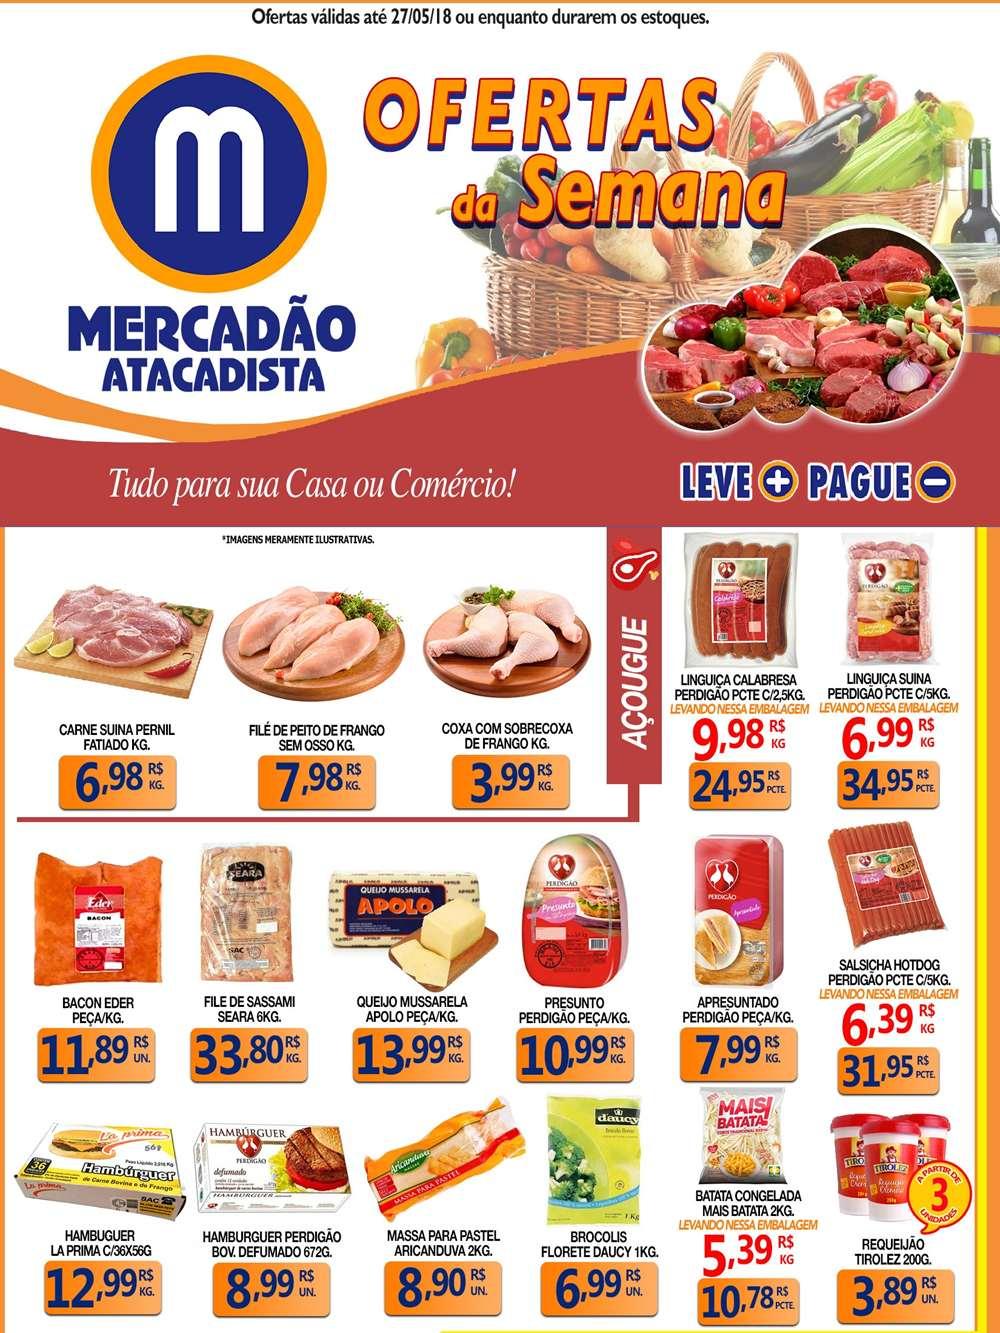 Ofertas-mercadao1-2 Mercadão até 27/05